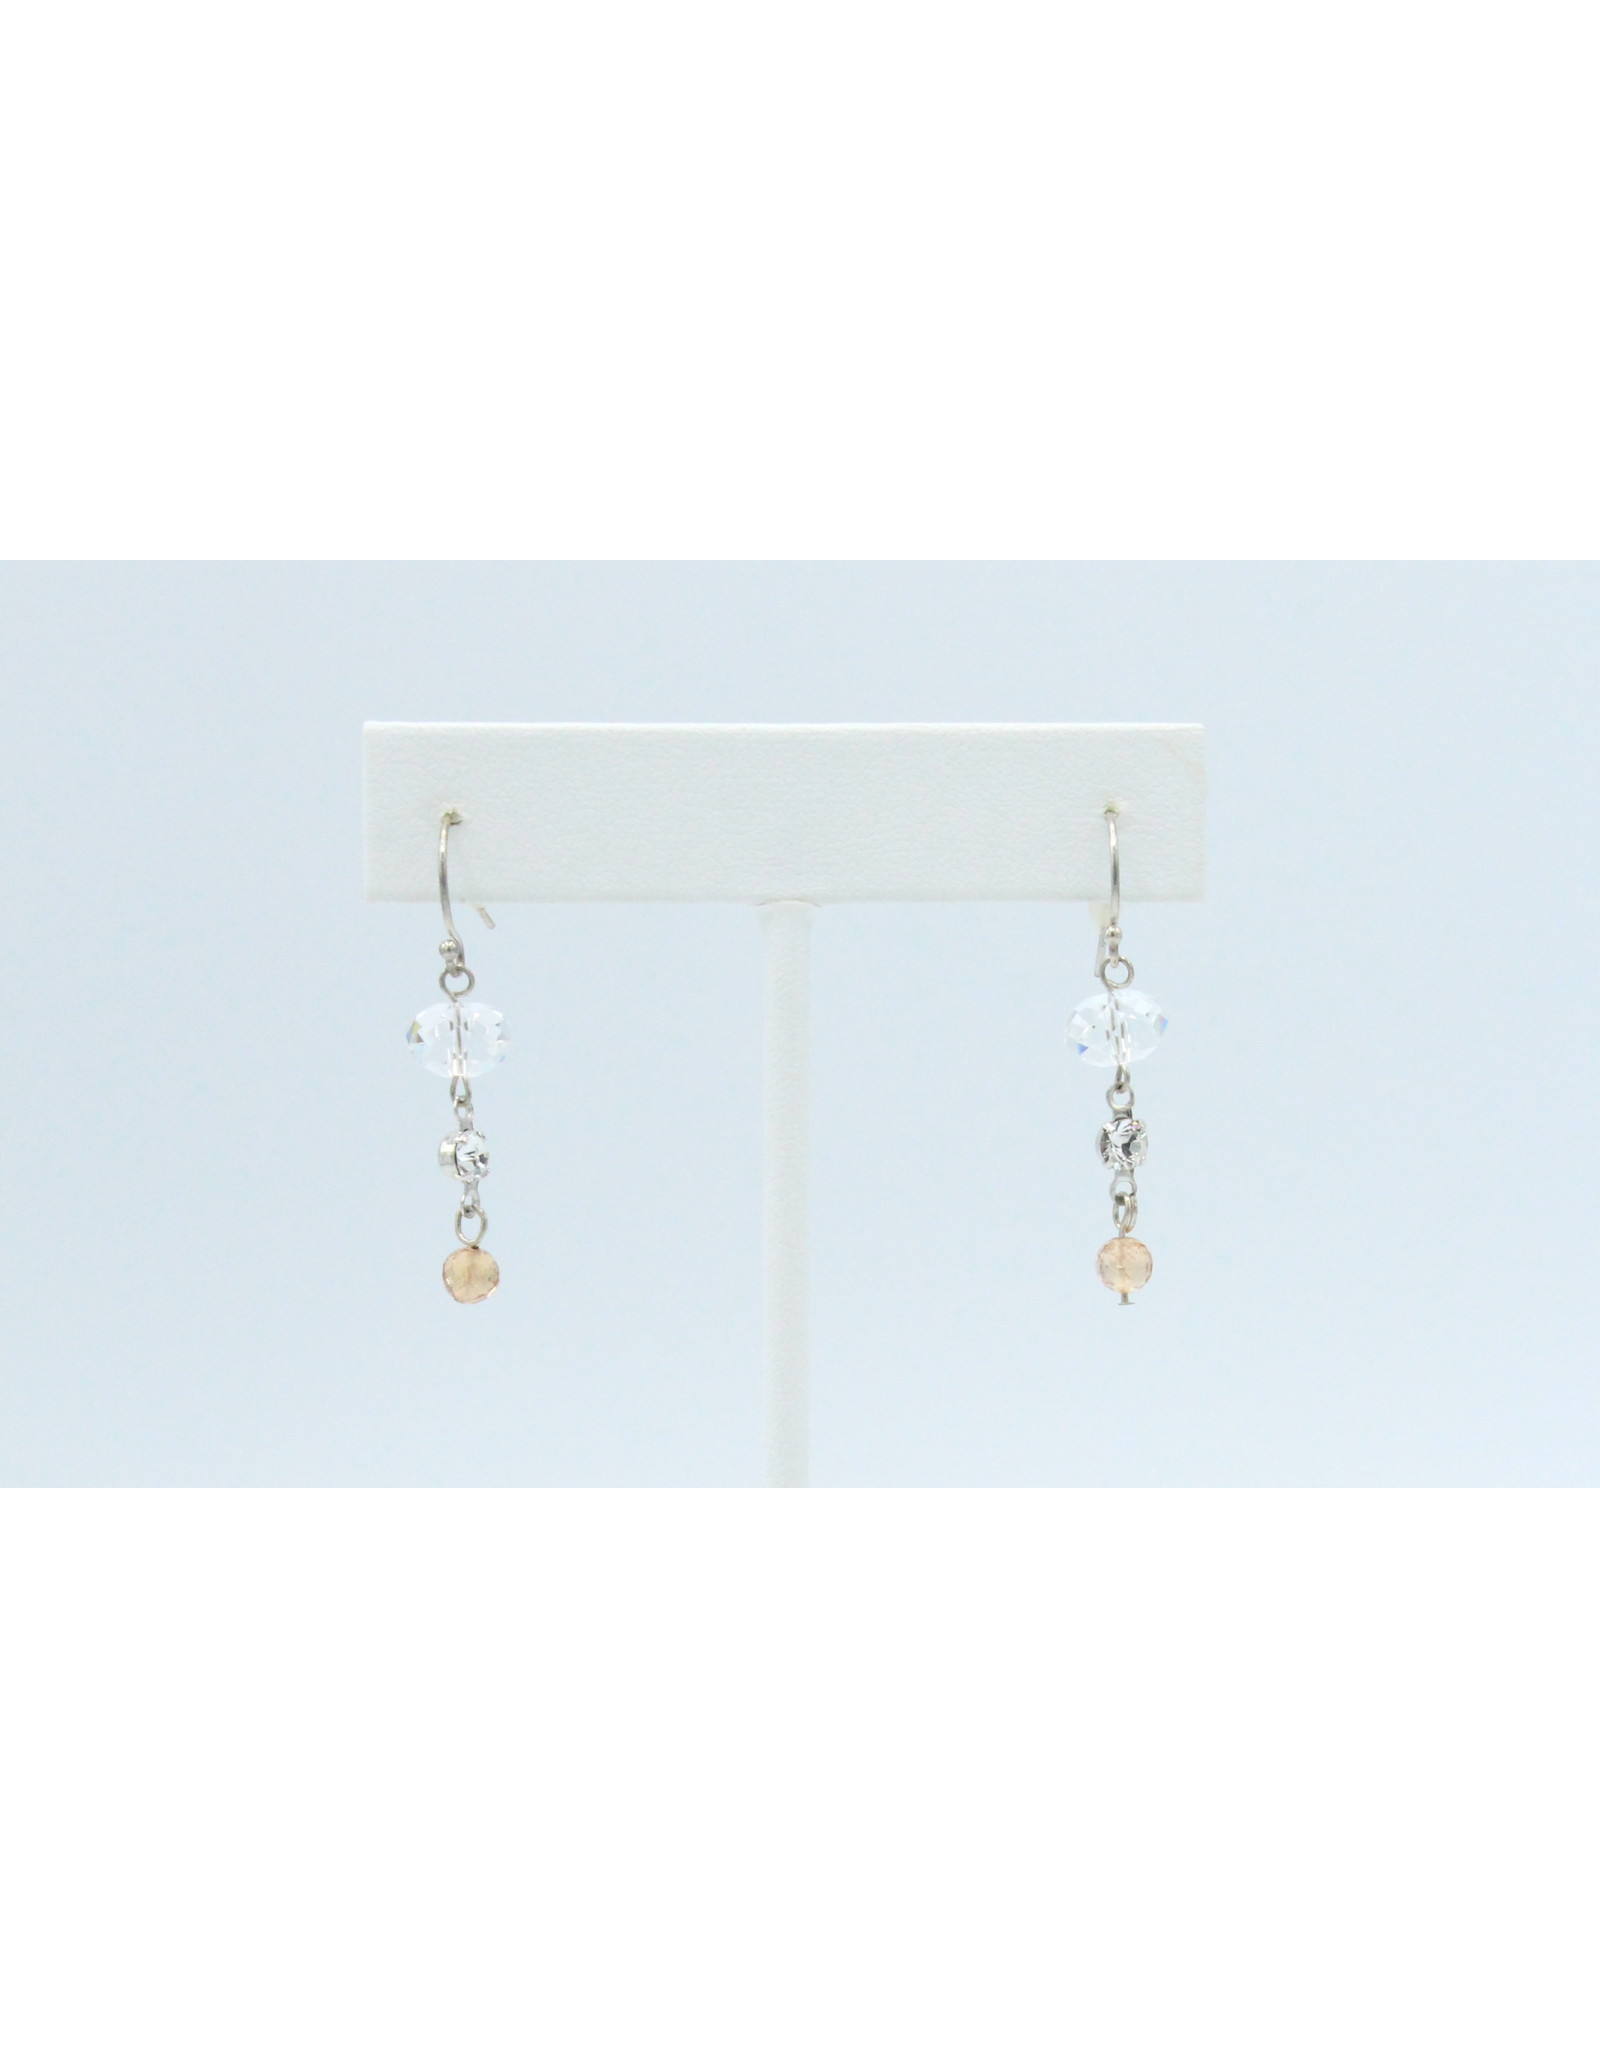 Grenat Hessonite Earrings - ERGH03